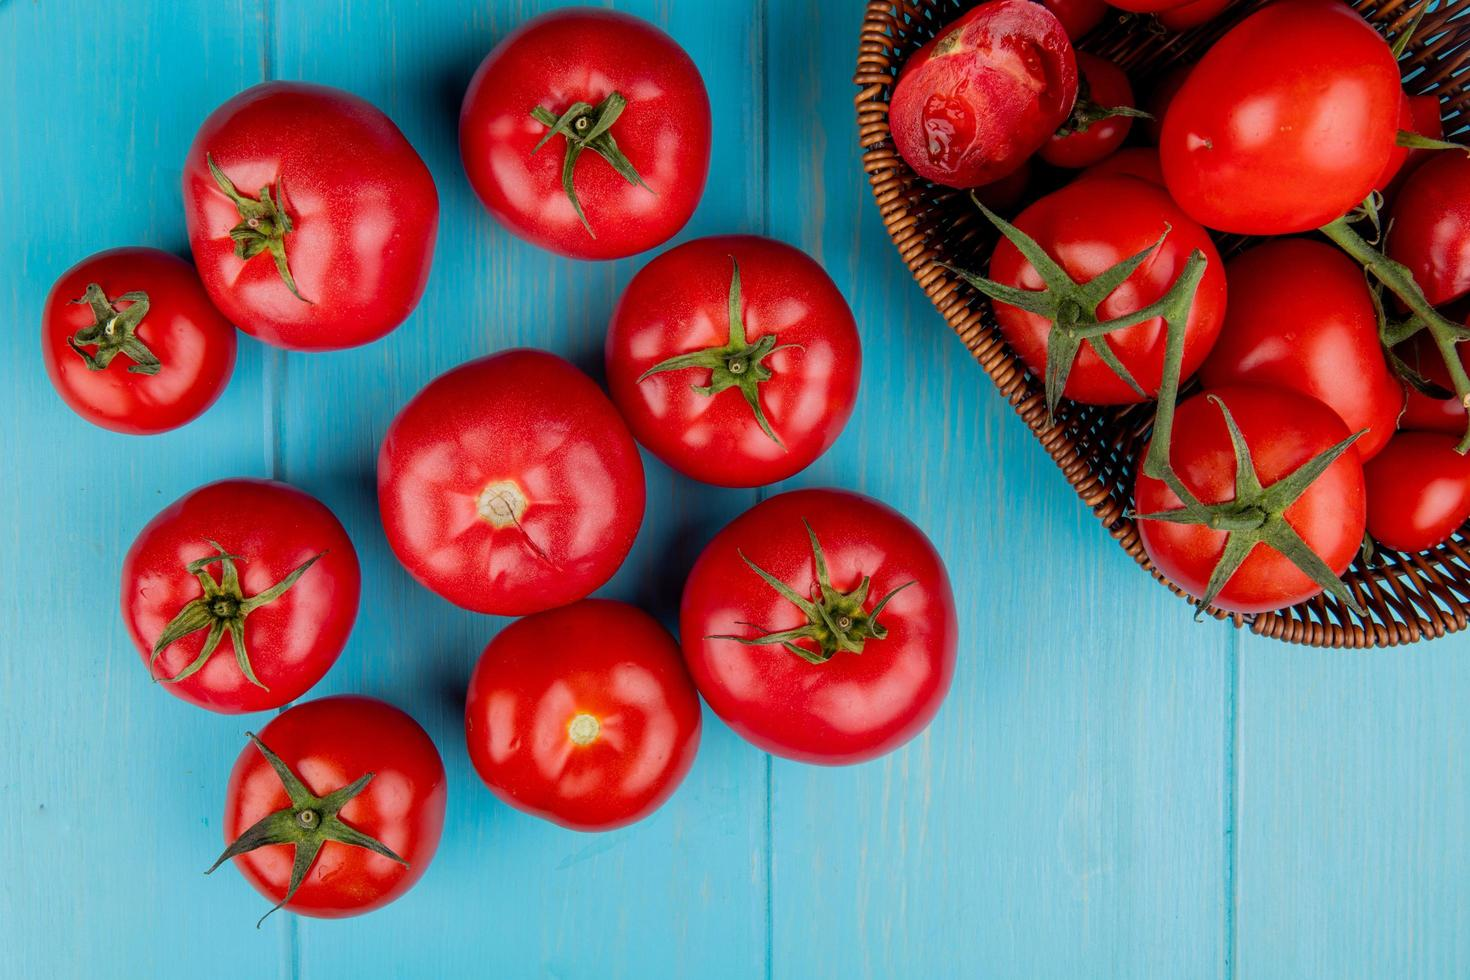 bovenaanzicht van tomaten met mandje tomaten op blauwe achtergrond foto